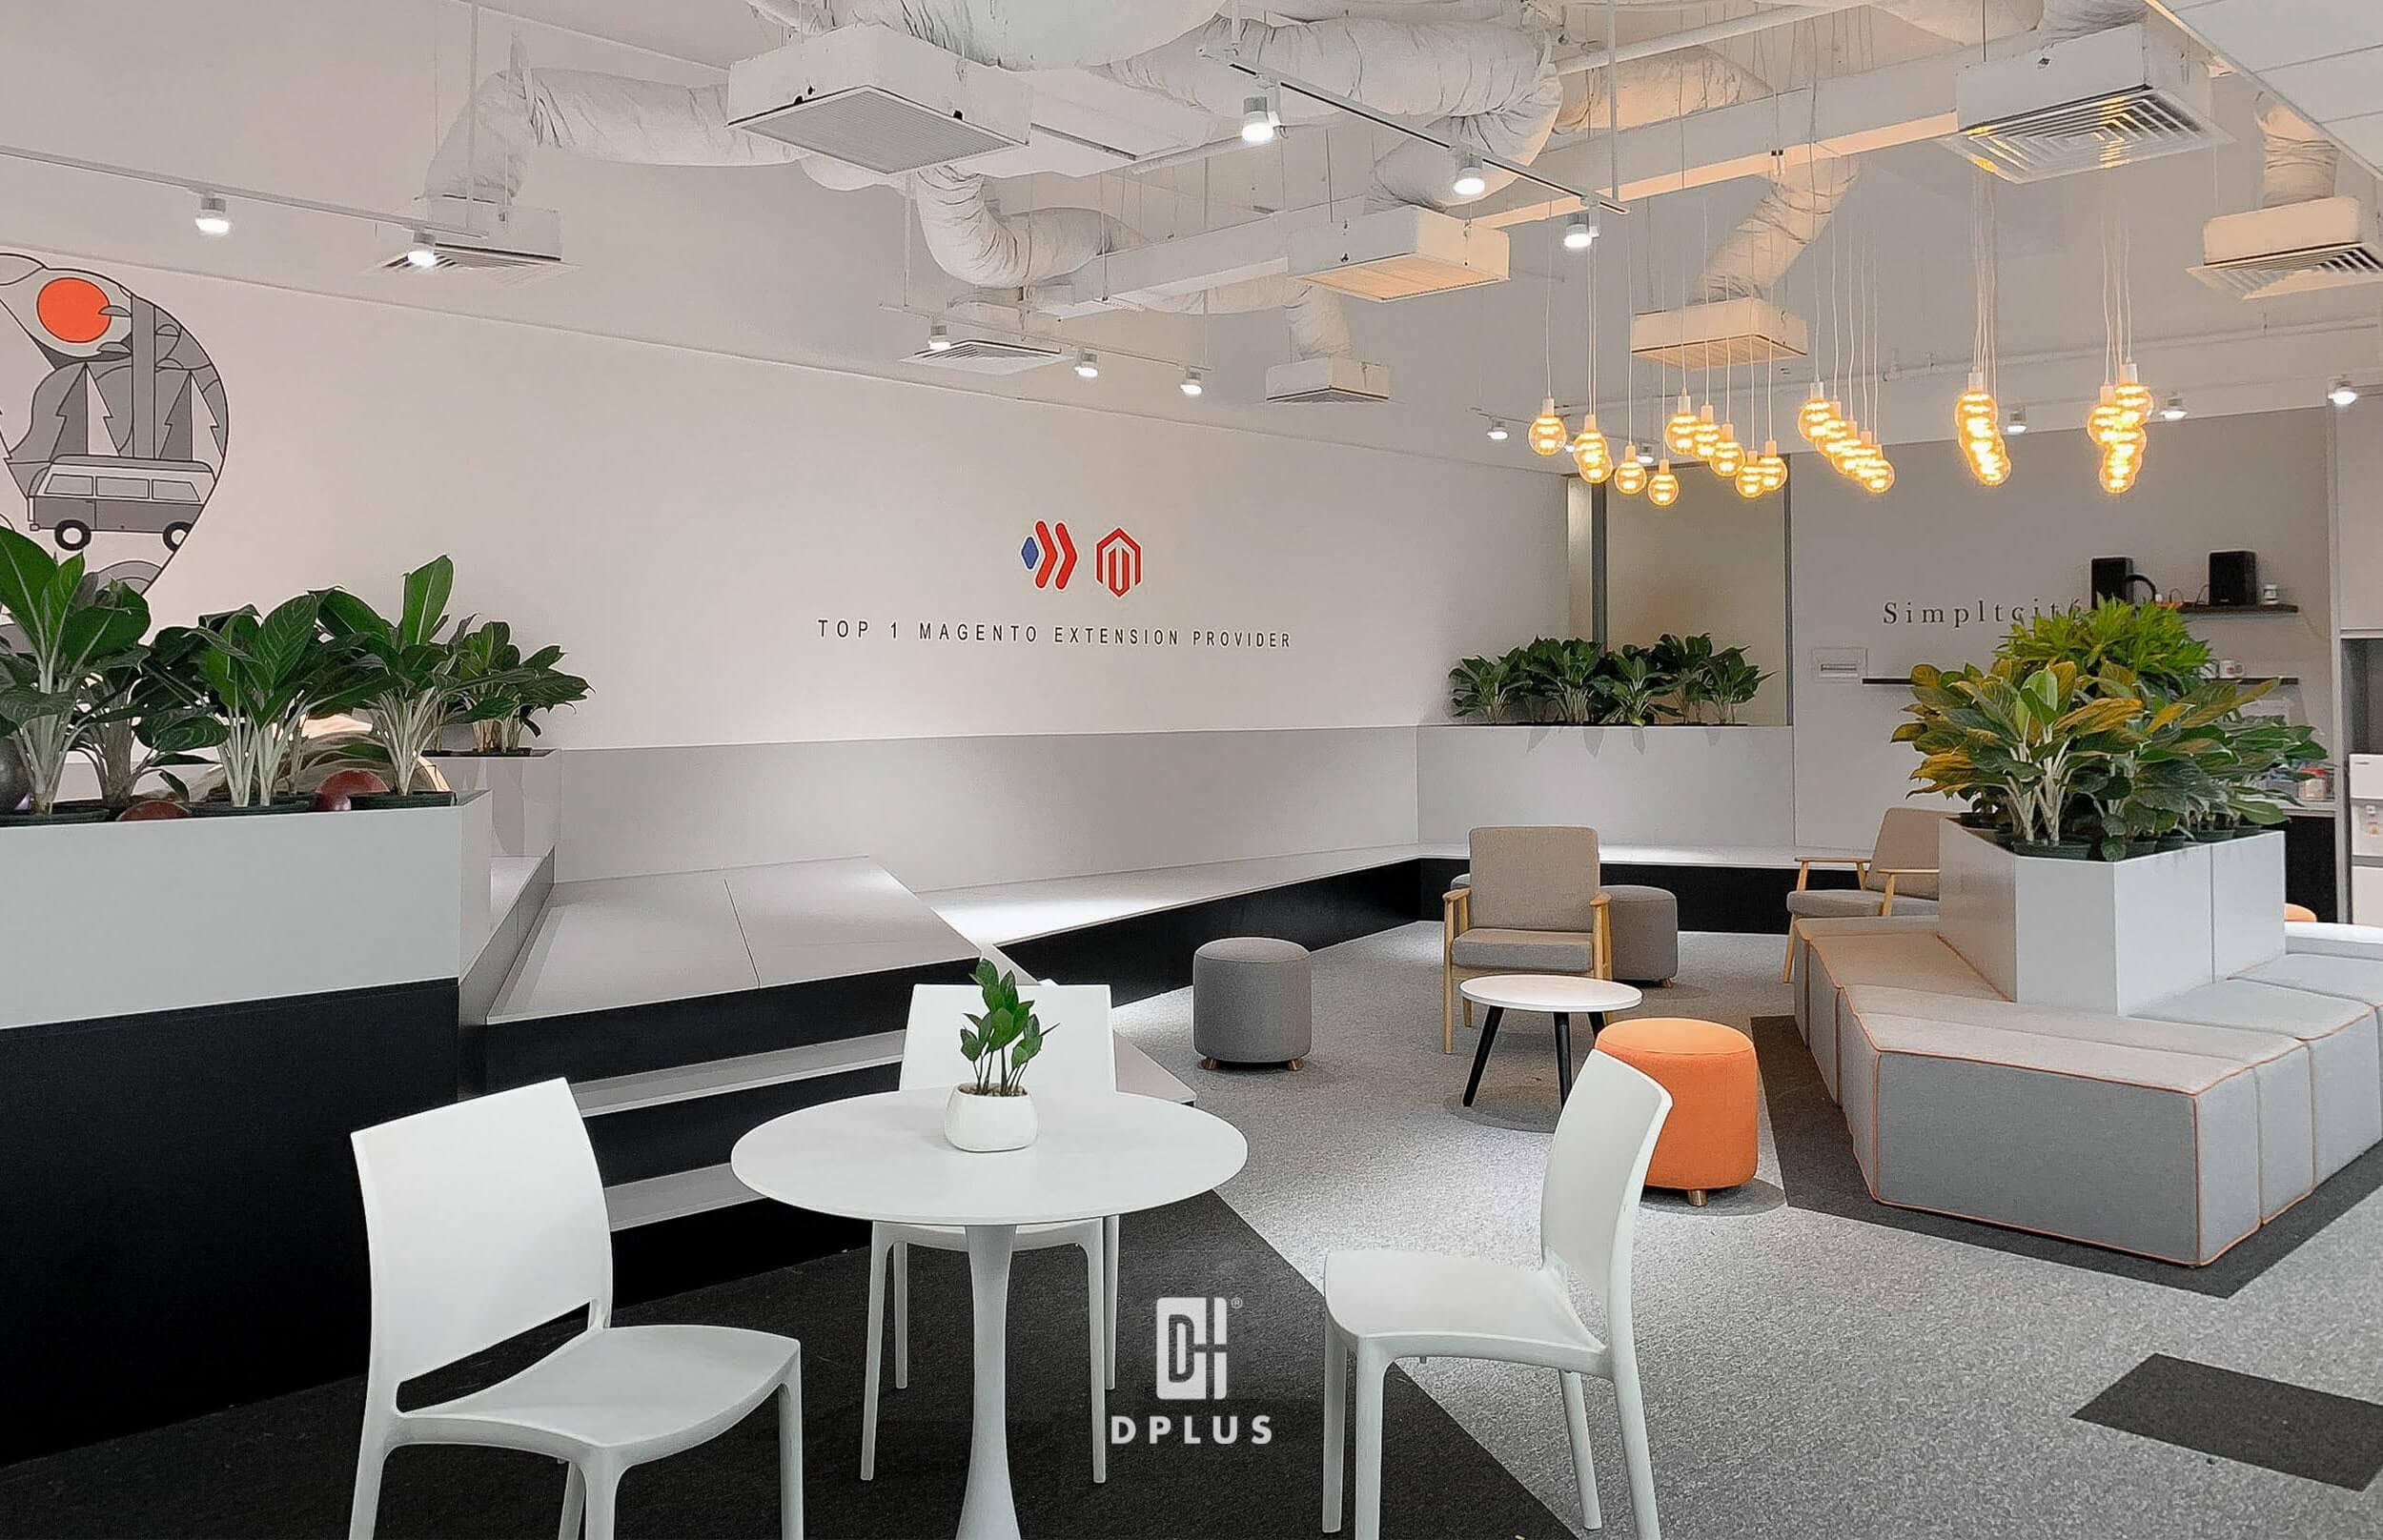 """Văn phòng Magezon khắc phục vấn đề diện tích nhỏ và chi phí thiết kế không cao bằng cách tạo ra một """"công viên mini"""" cung cấp đầy đủ khu vực làm việc và khu vực chức năng."""